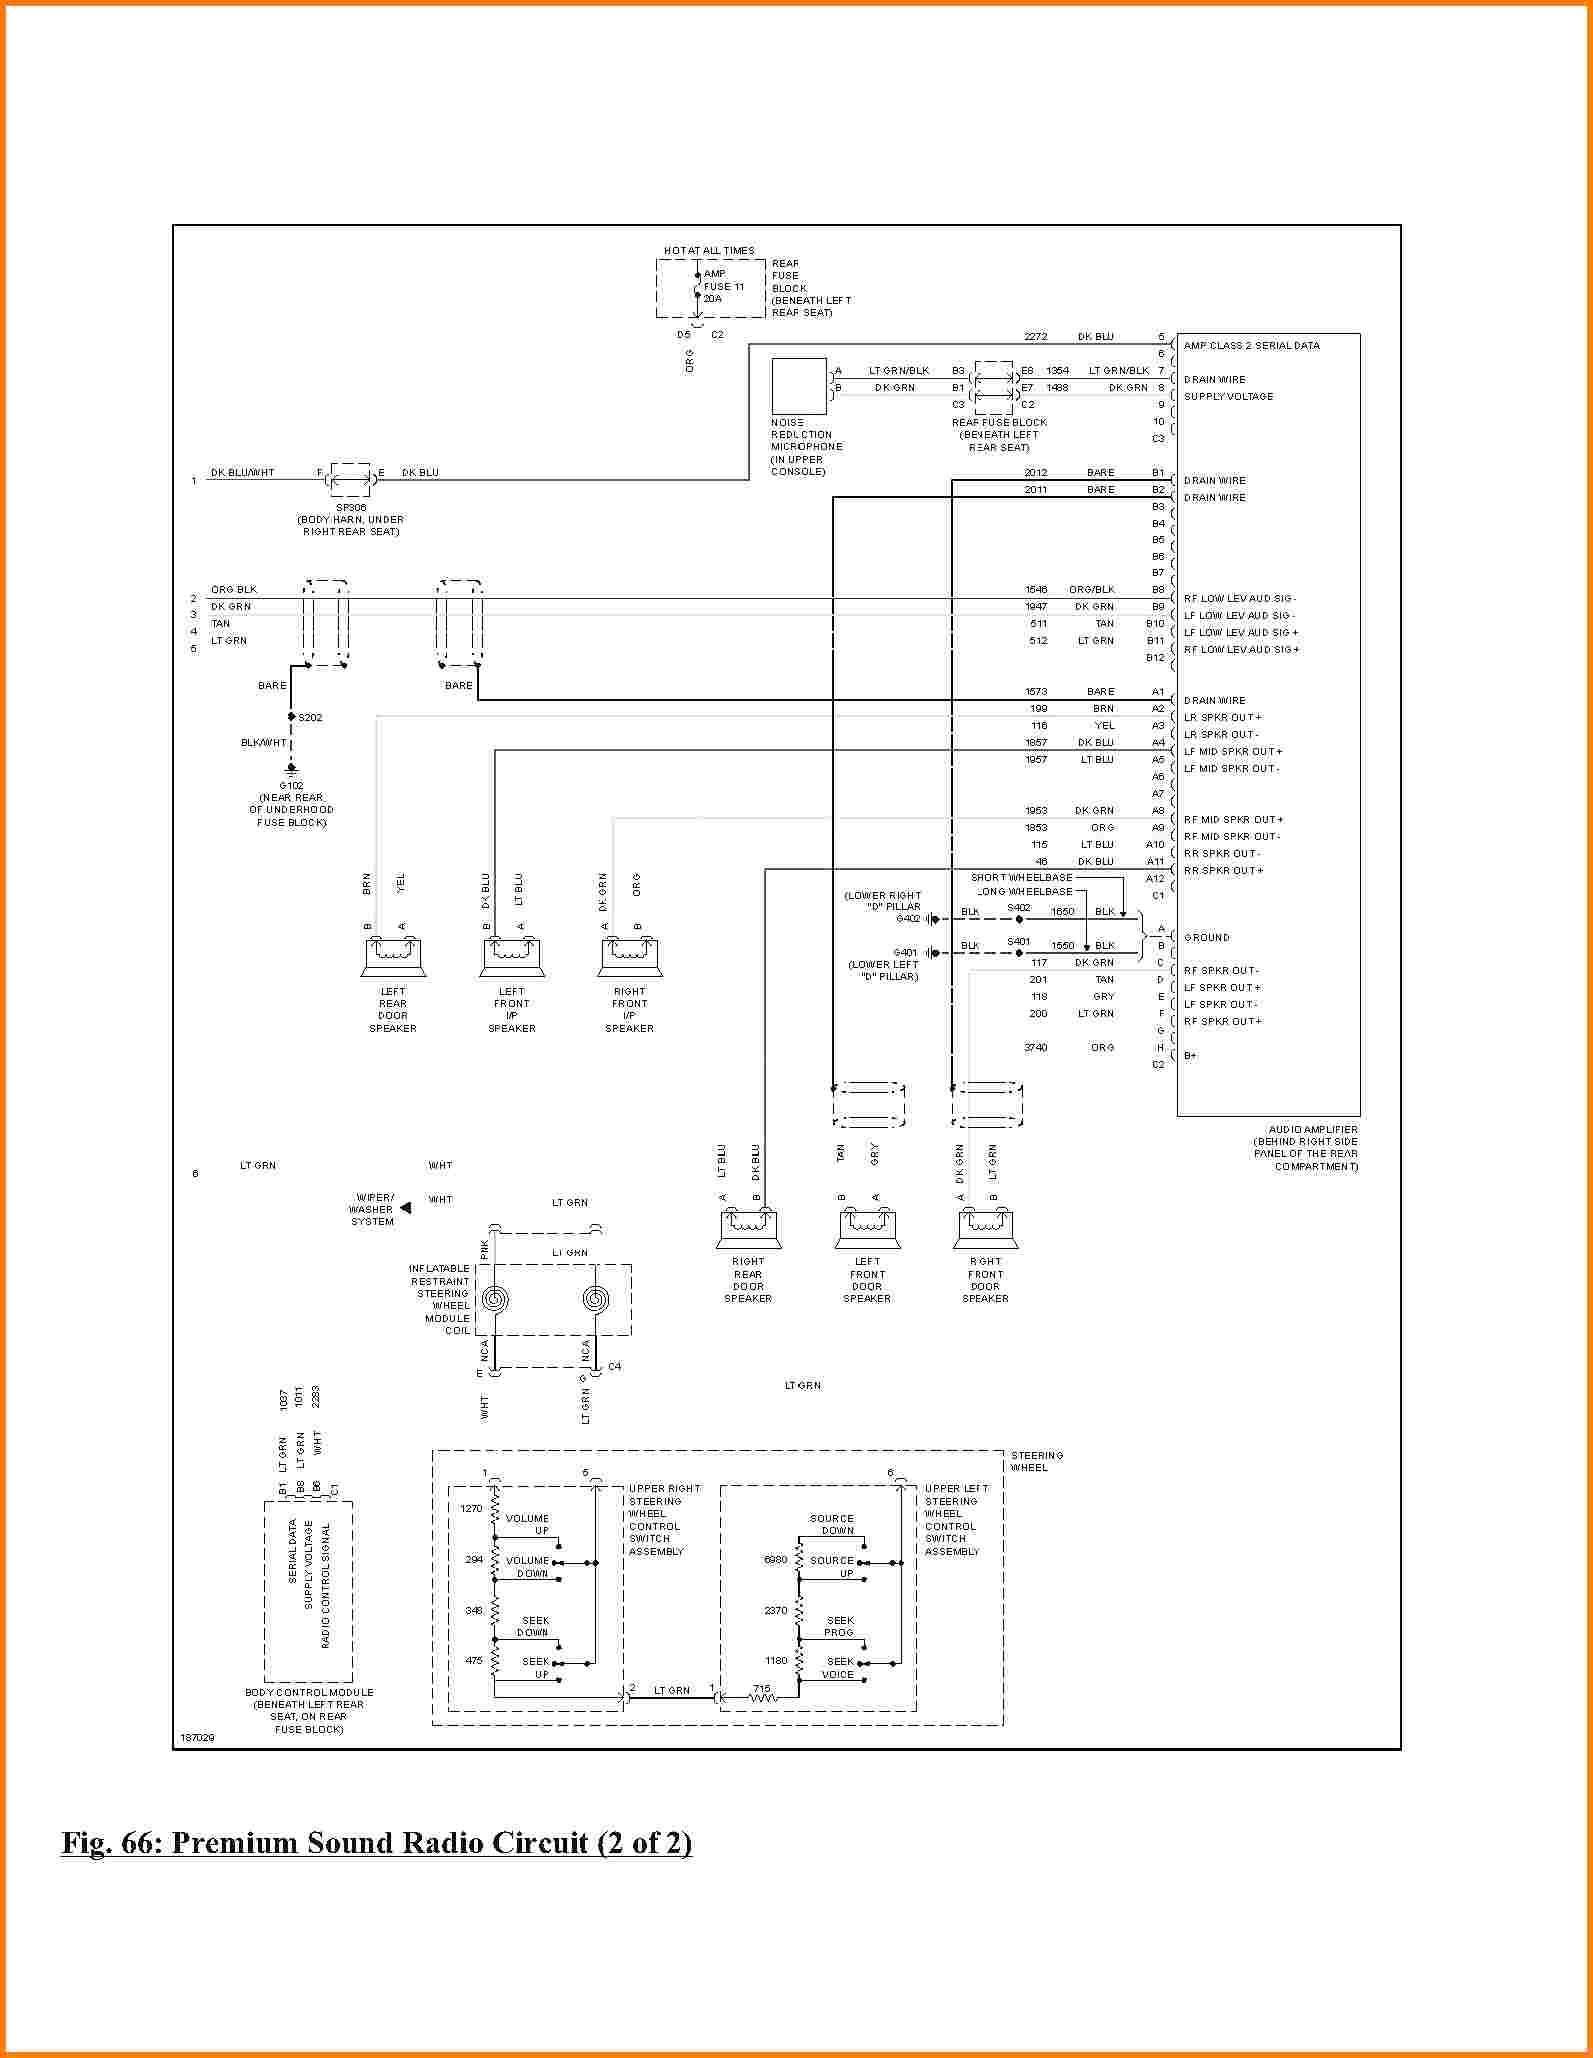 Scosche Loc2Sl Wiring Diagram | Wiring Diagram - Scosche Loc2Sl Wiring Diagram